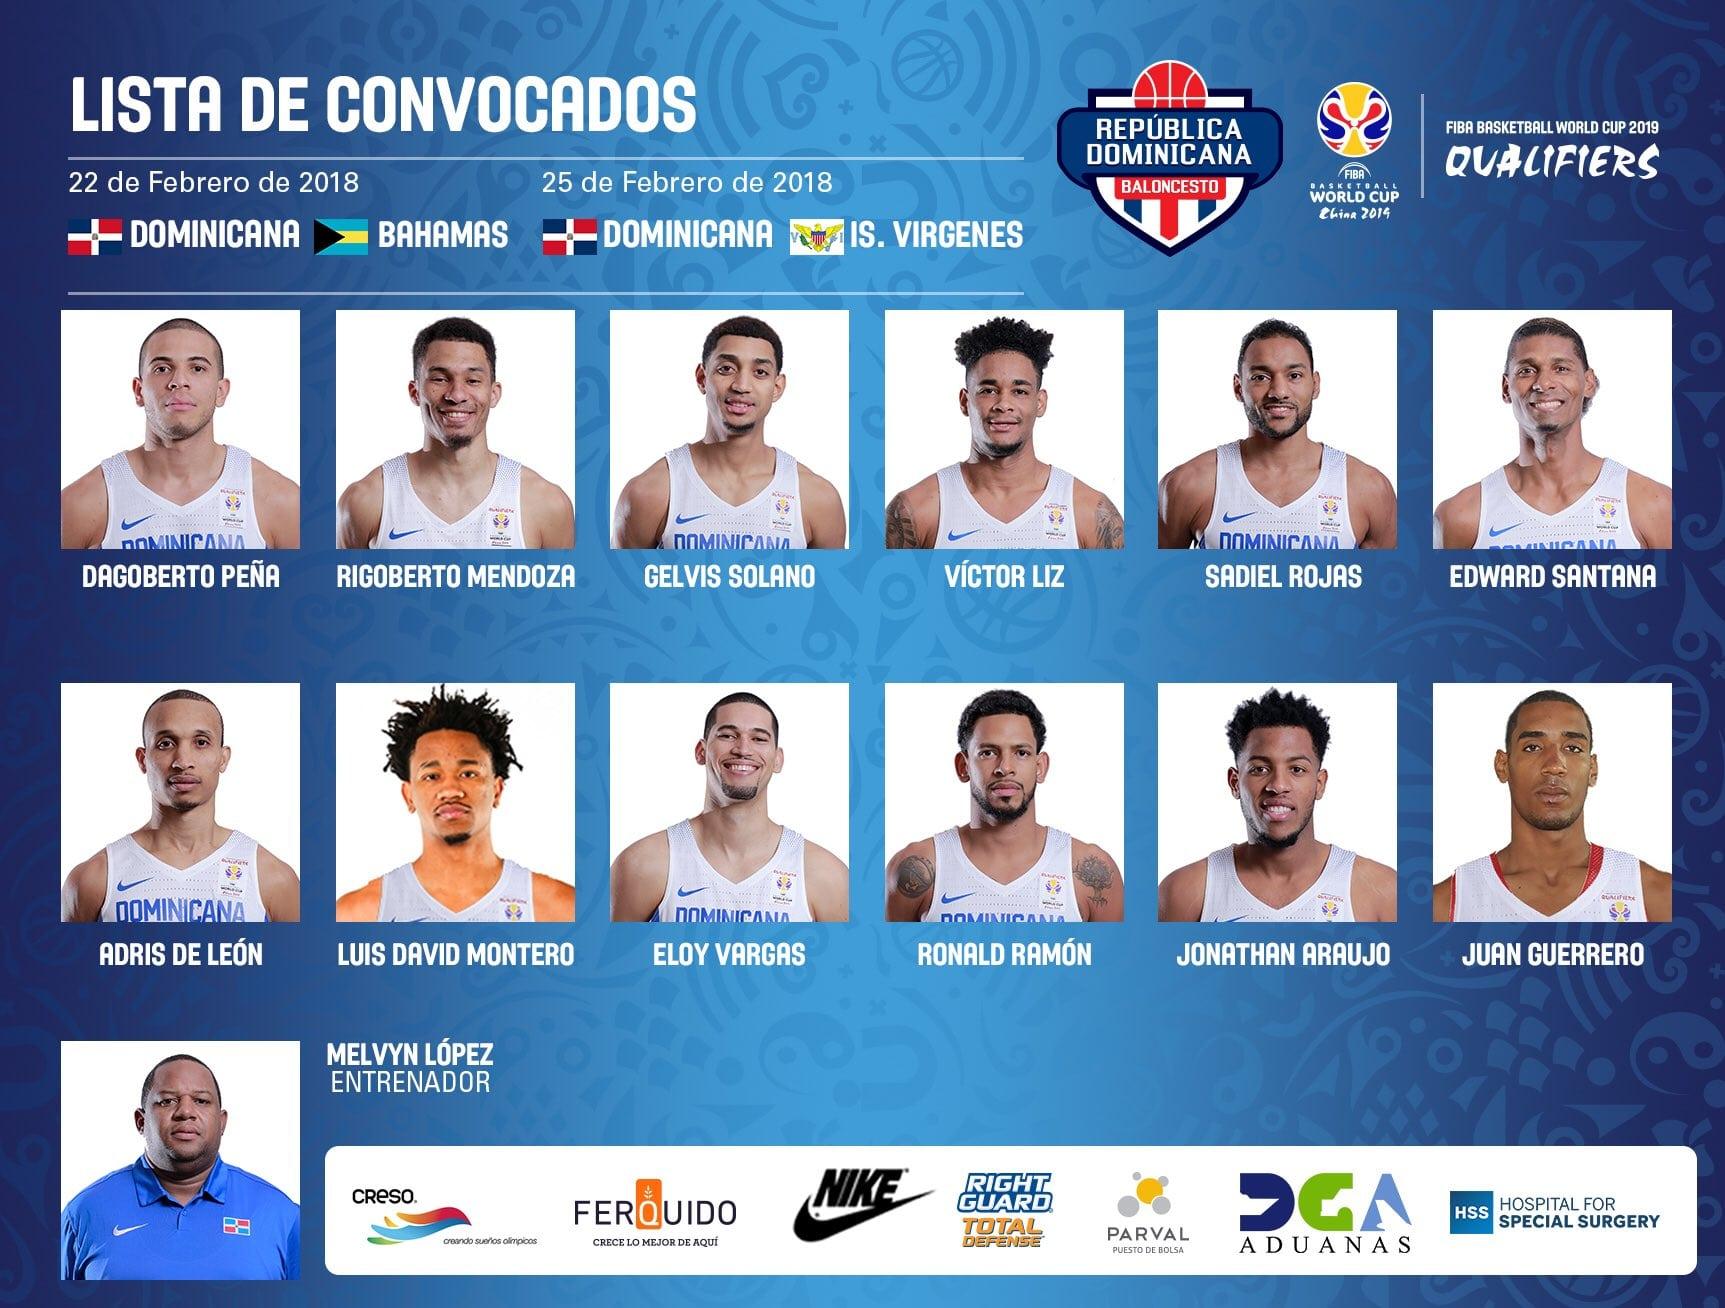 Vicedo, Arteaga (España), Dago Peña (República Dominicana) y Ludde Hakanson (Suecia) repiten en las ventanas FIBA y Darío Brizuela podría debutar con España